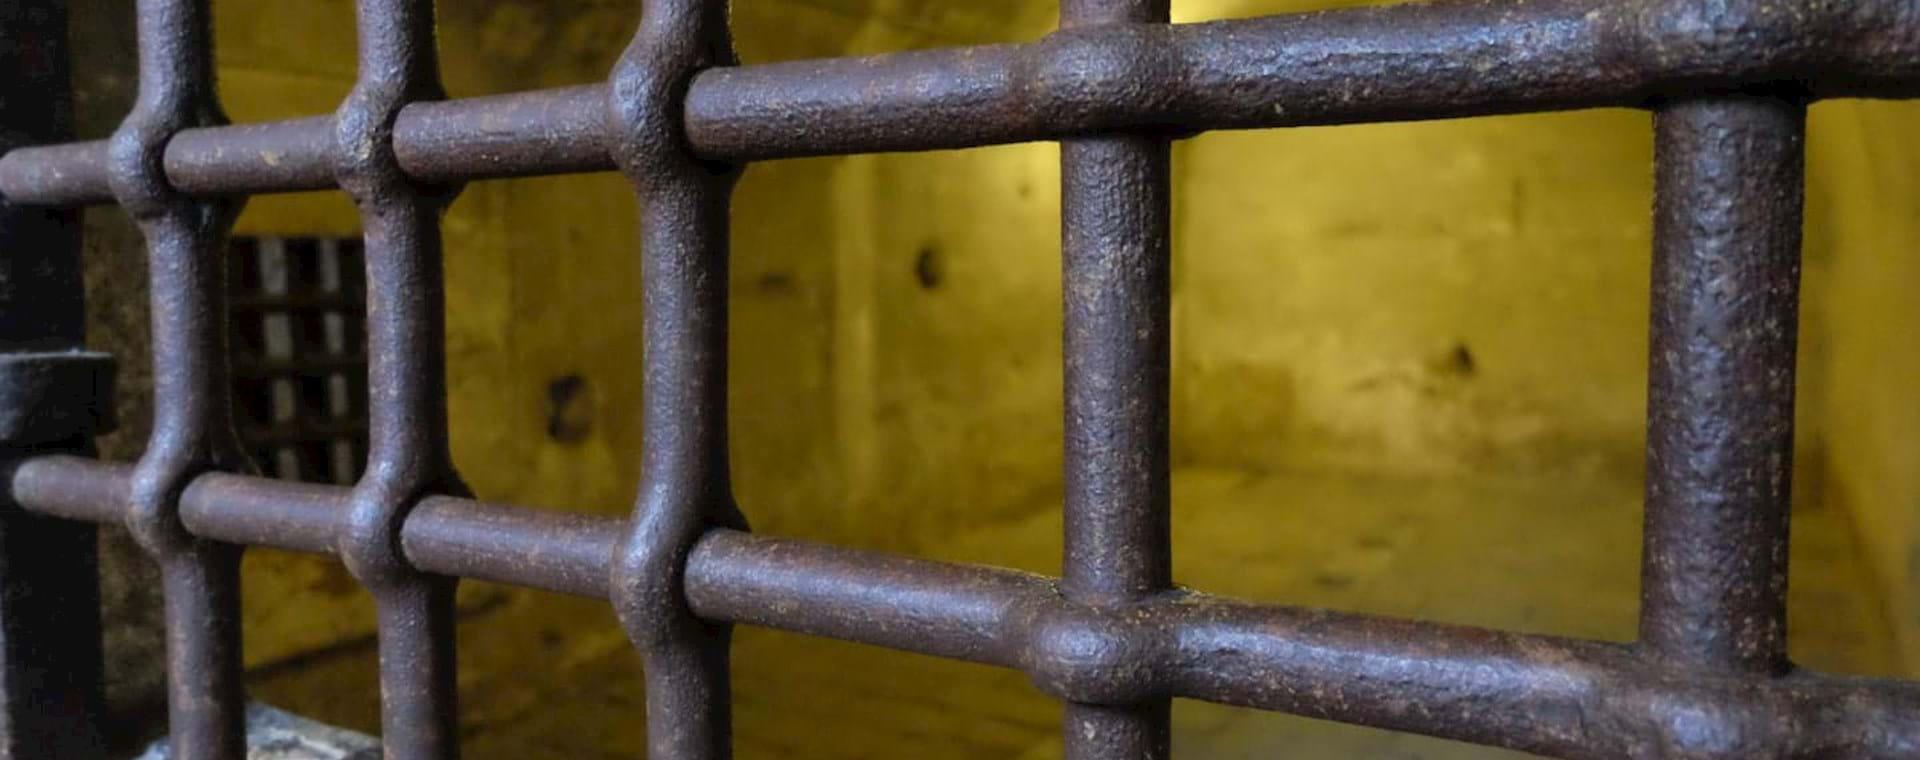 Doge's Palace: Prisons & Secret Itineraries Tour